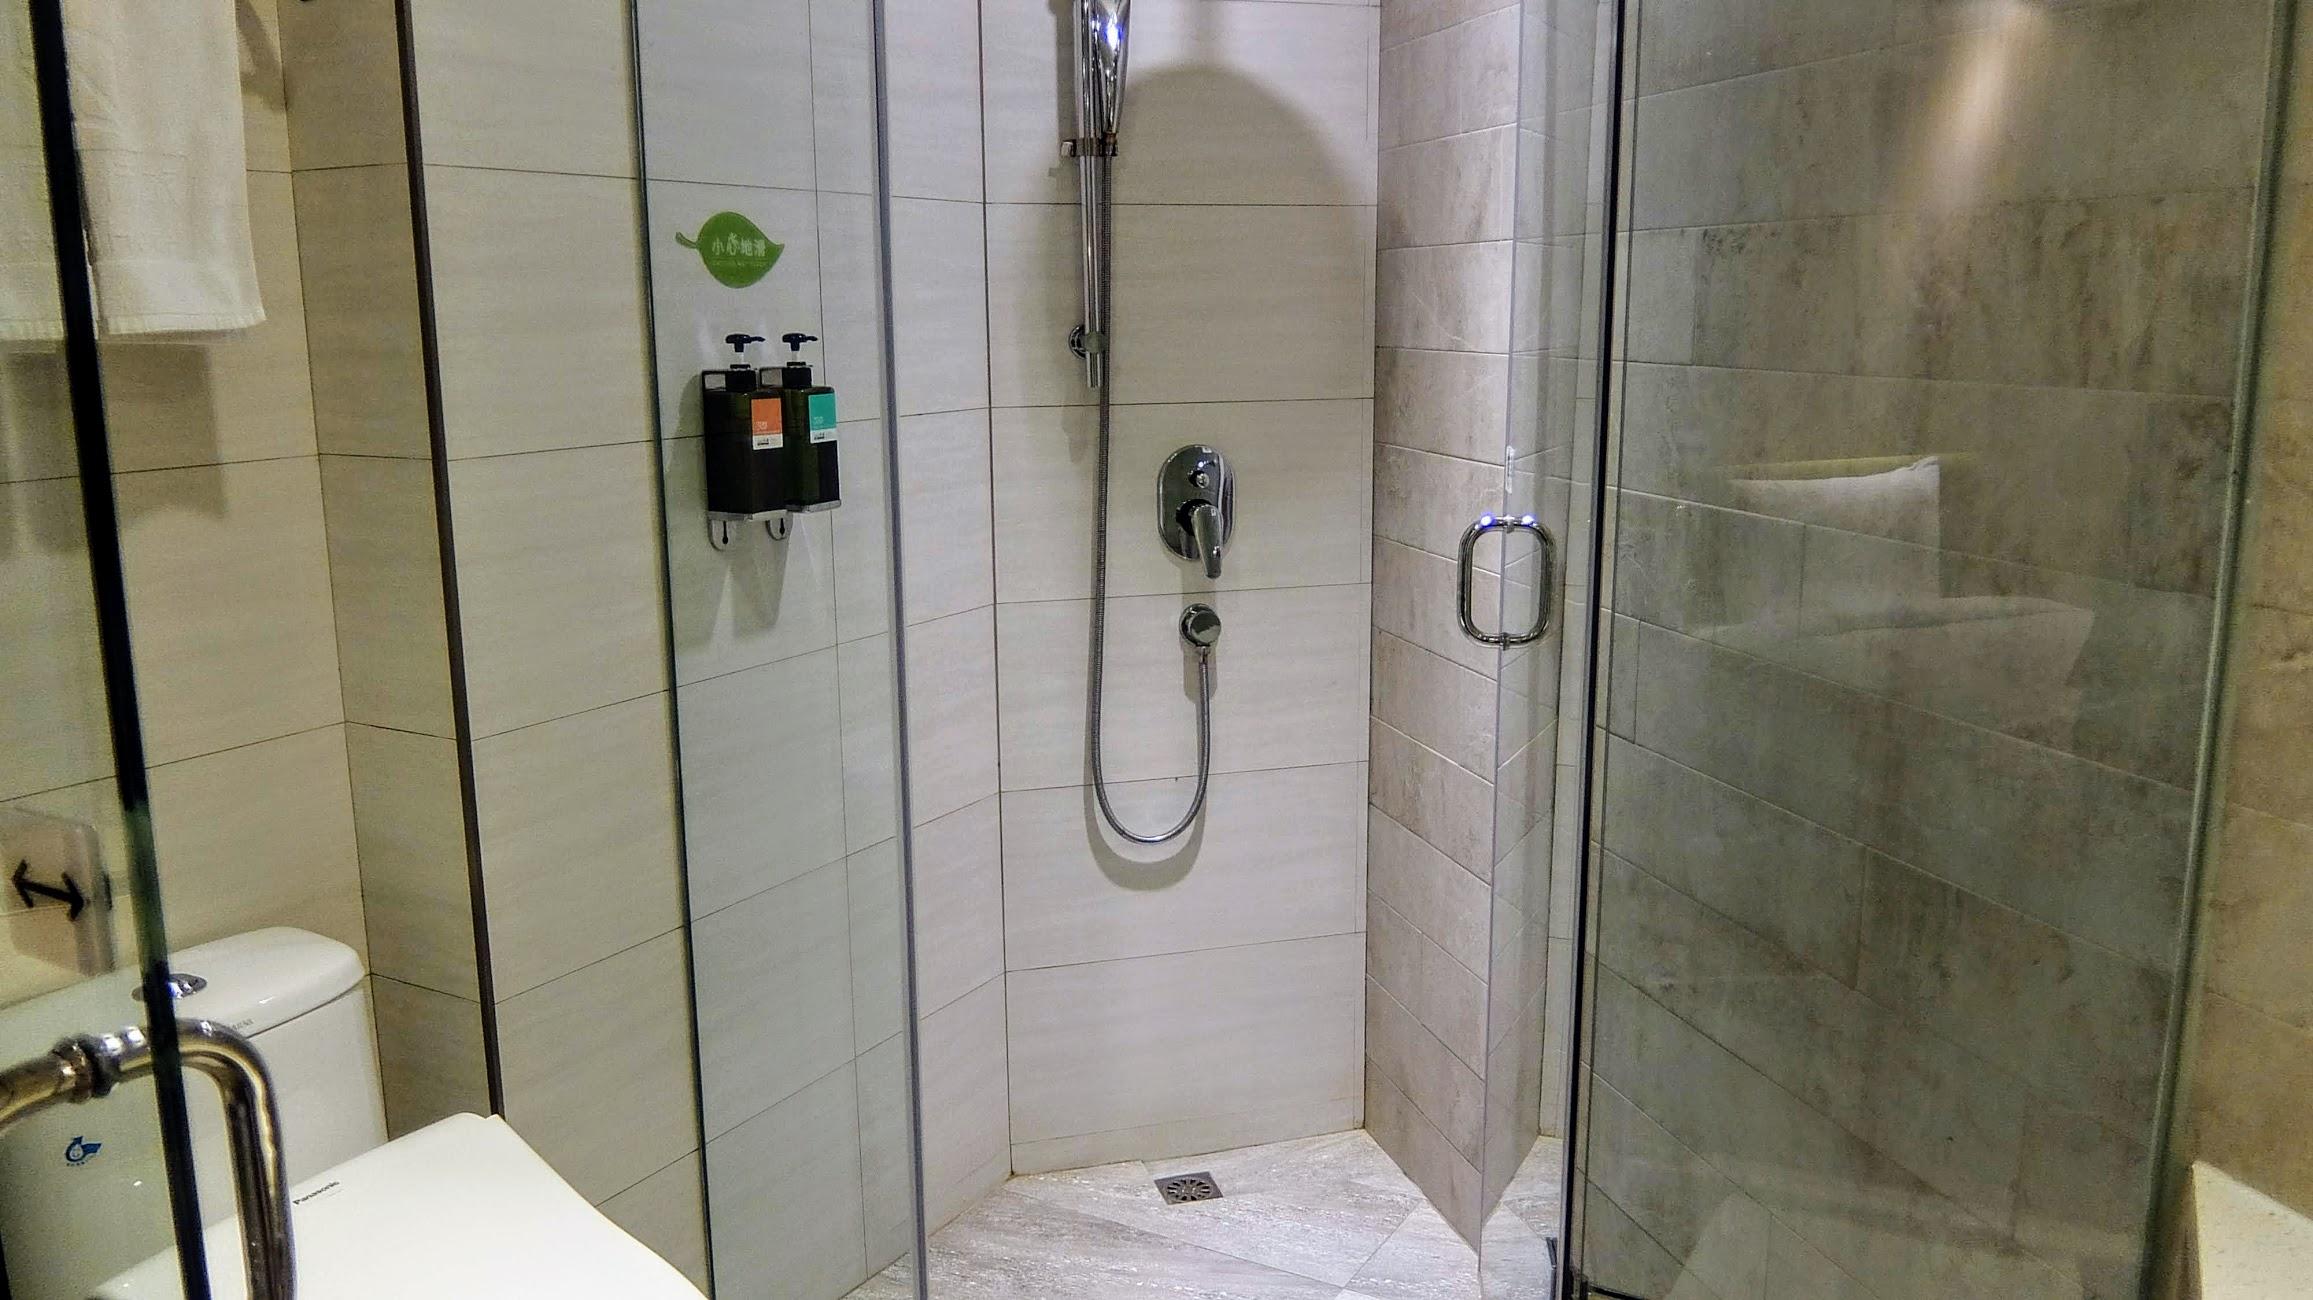 浴室乾淨, 那個蓮蓬頭水勁超強...